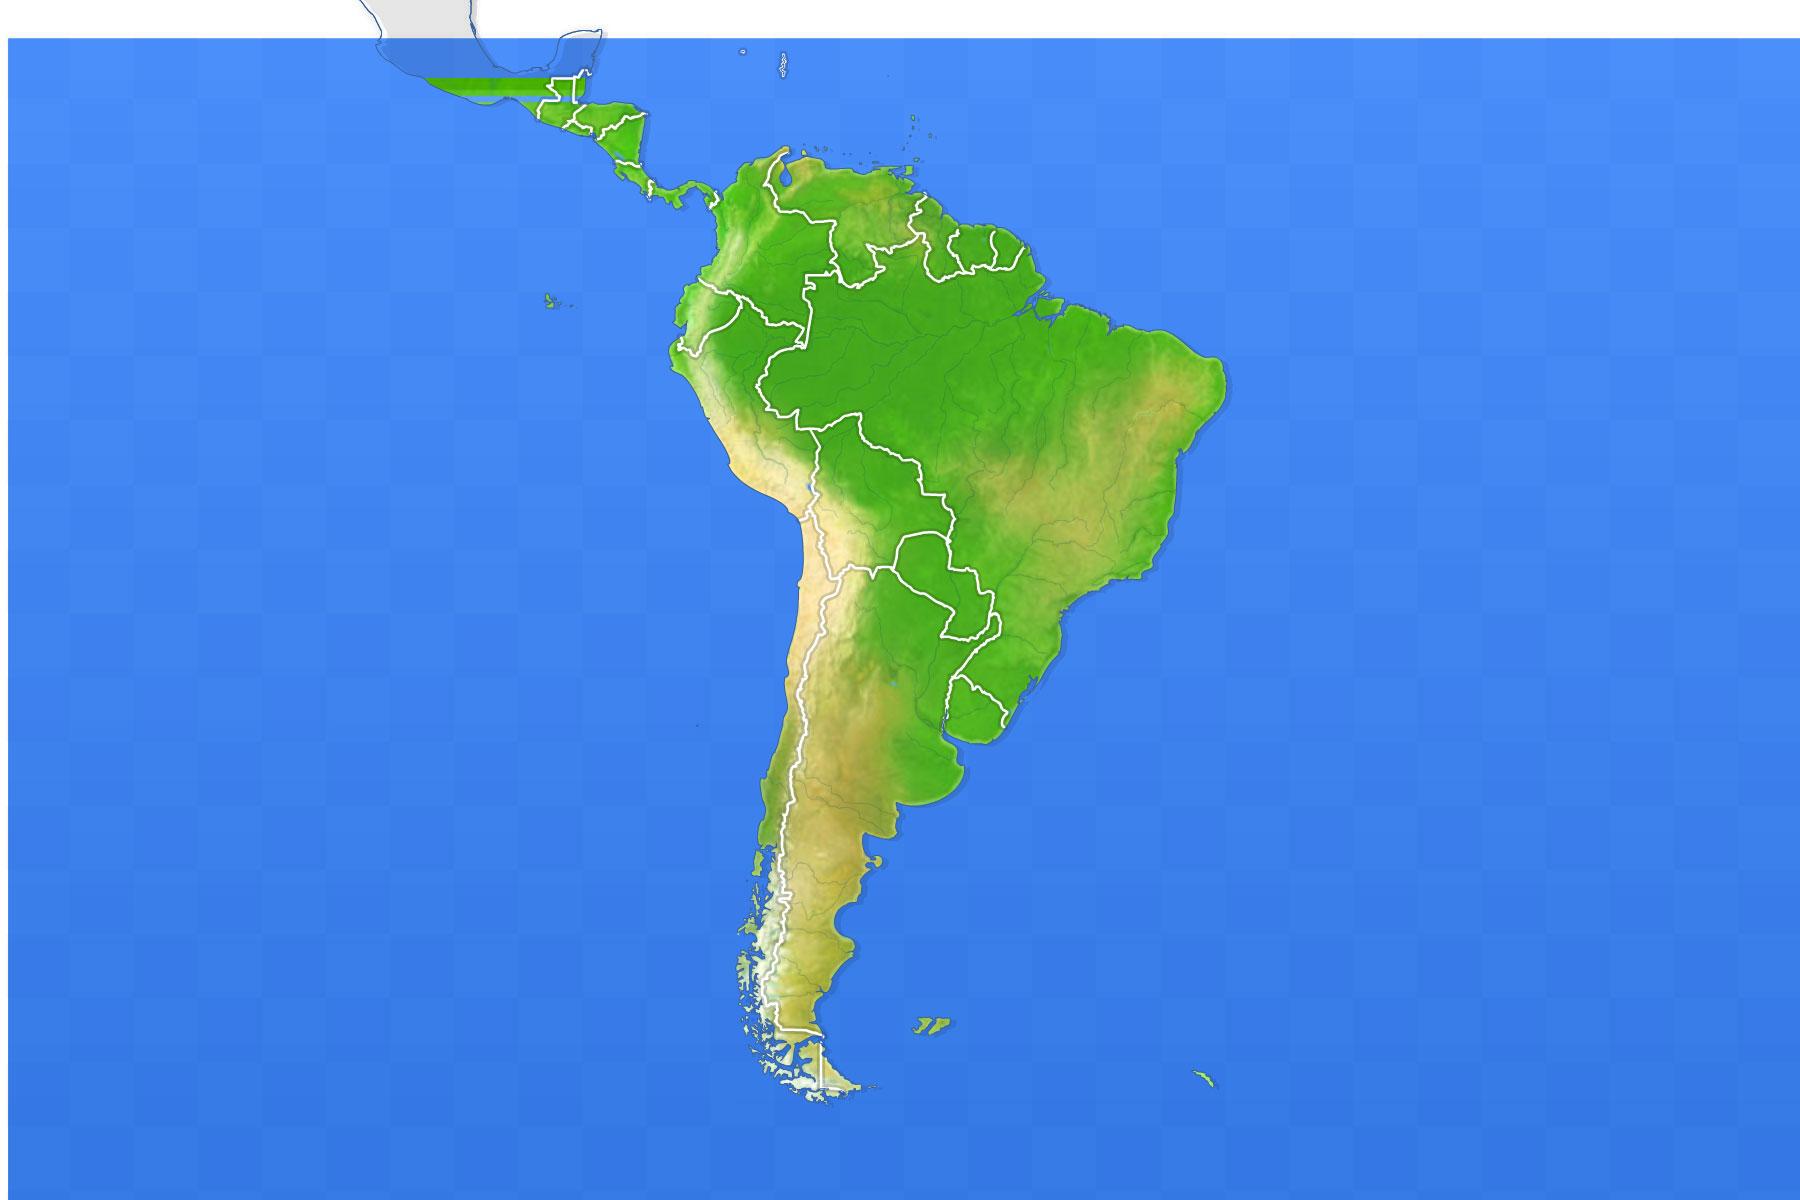 Carte Amerique Du Sud Jeu.Jeux Geographiques Com Jeux Gratuits Villes D Amerique Du Sud